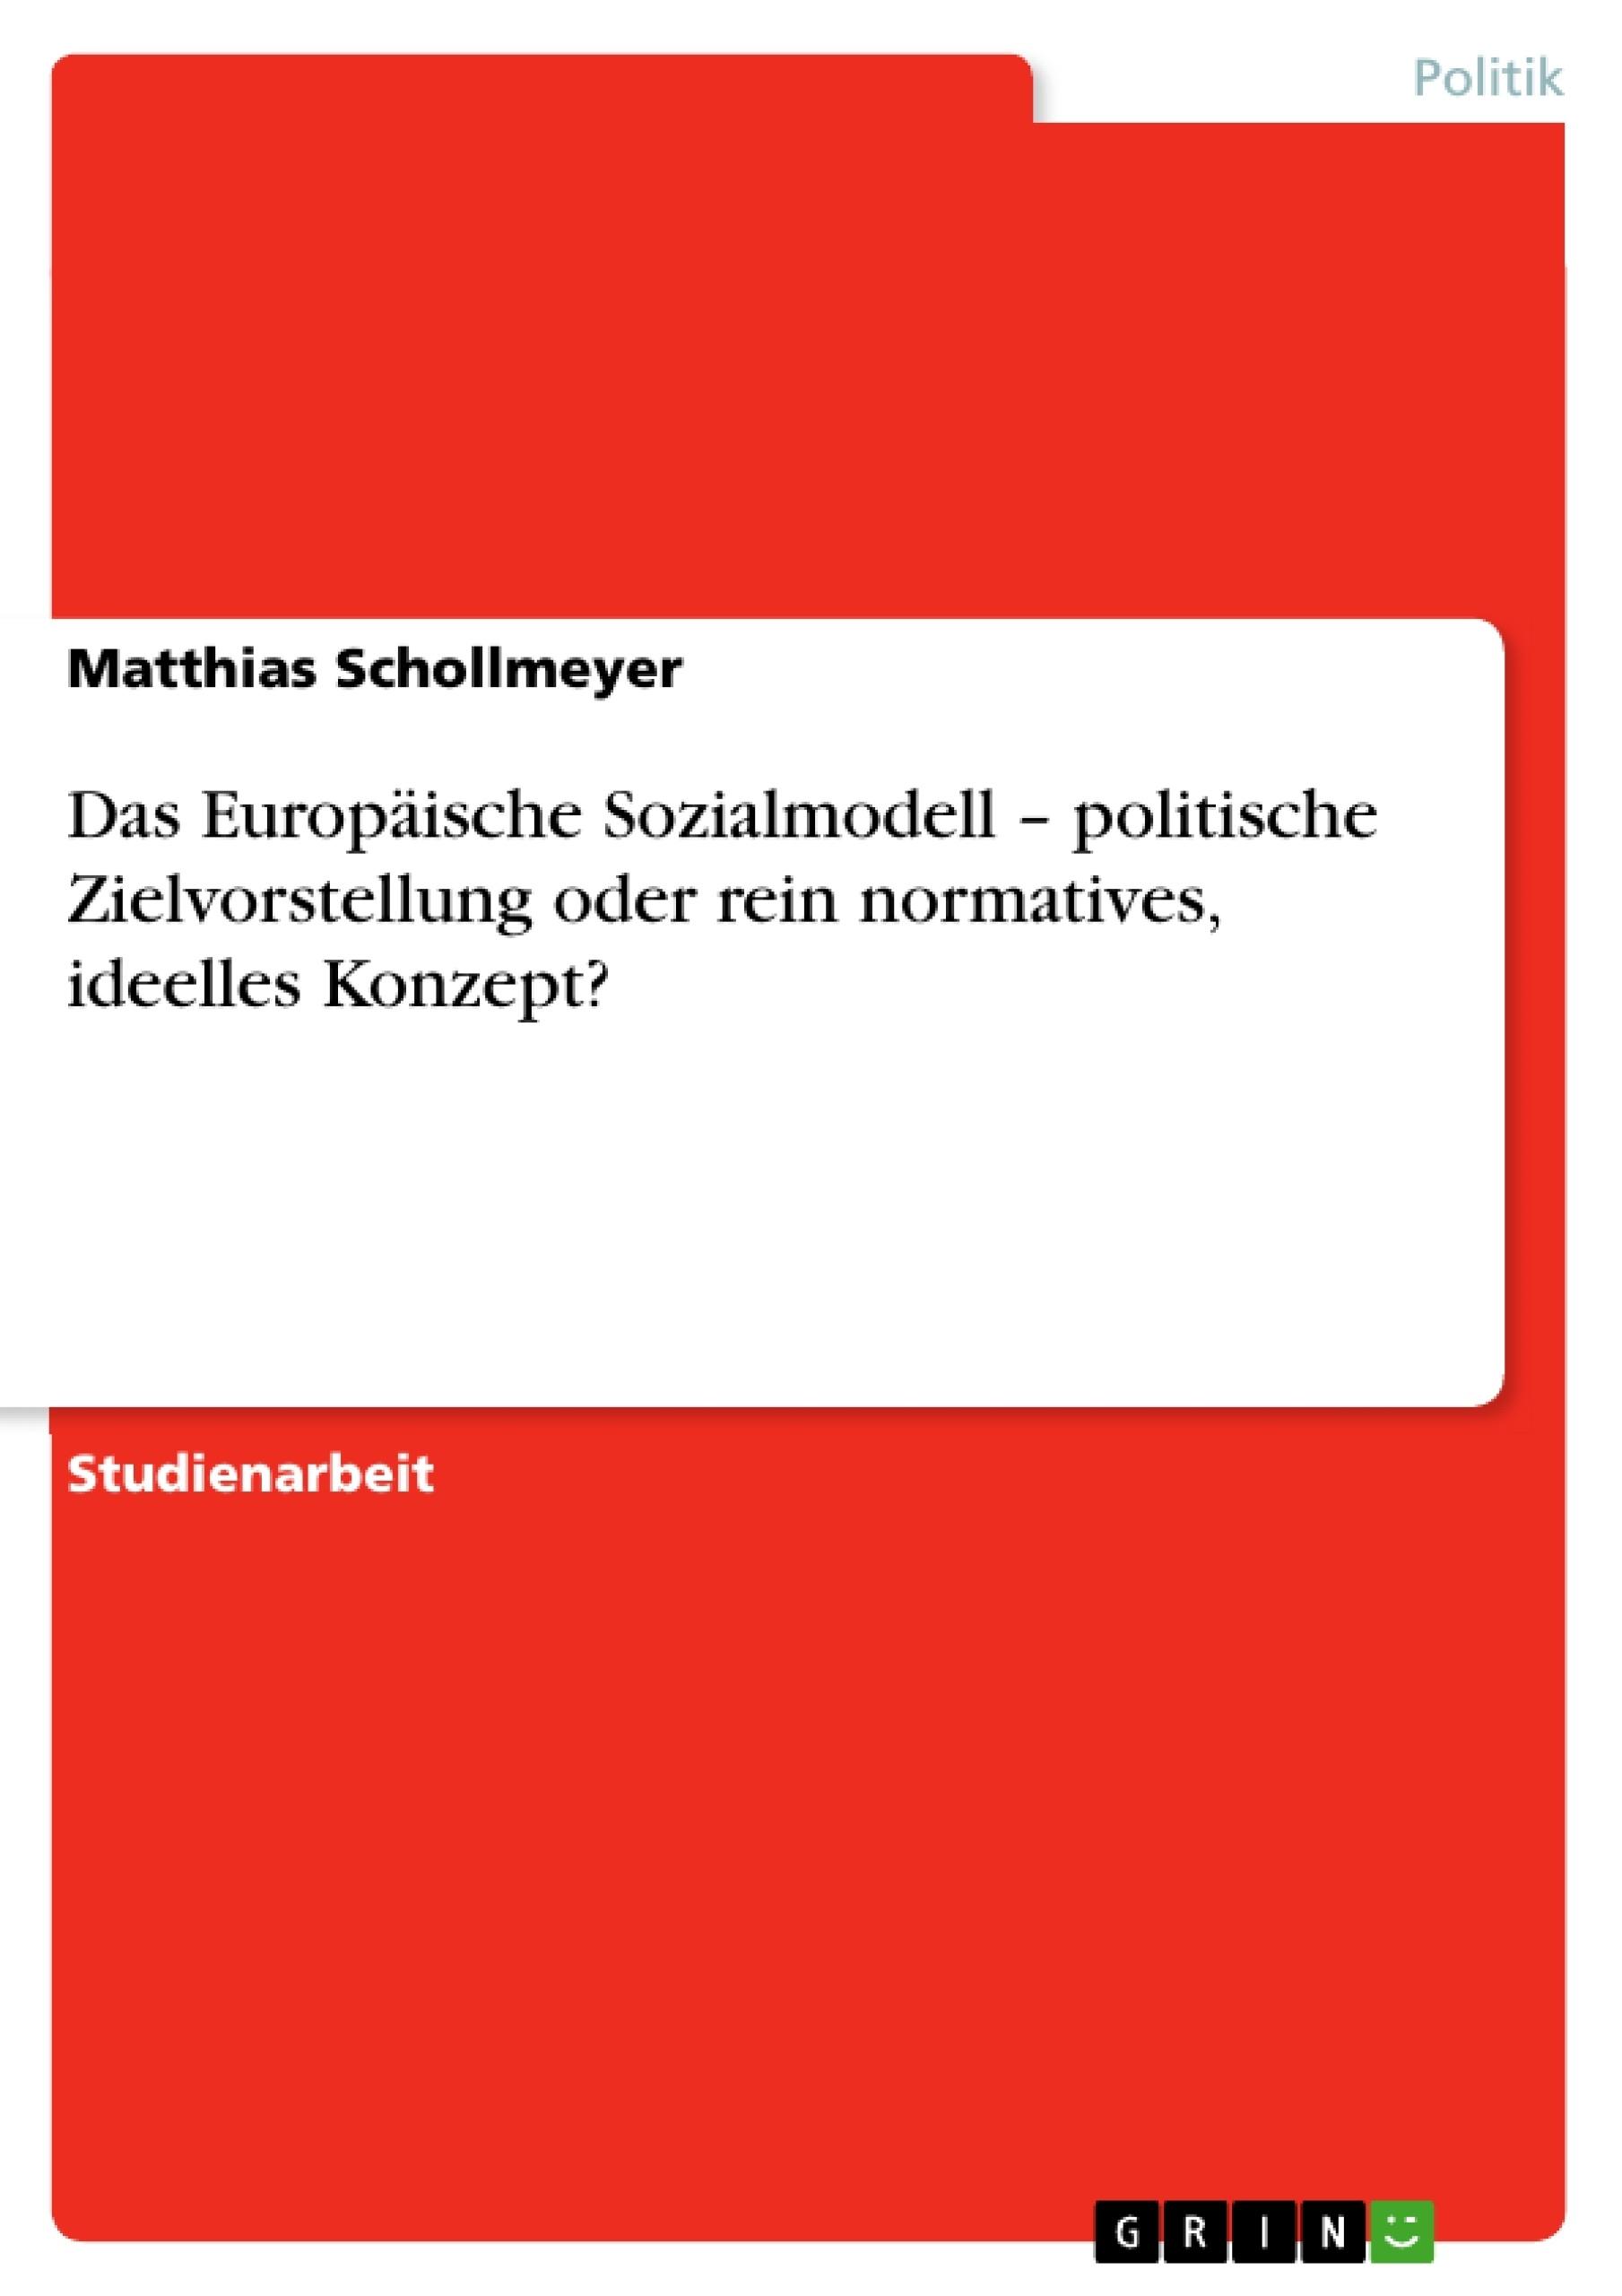 Titel: Das Europäische Sozialmodell – politische Zielvorstellung oder rein normatives, ideelles Konzept?